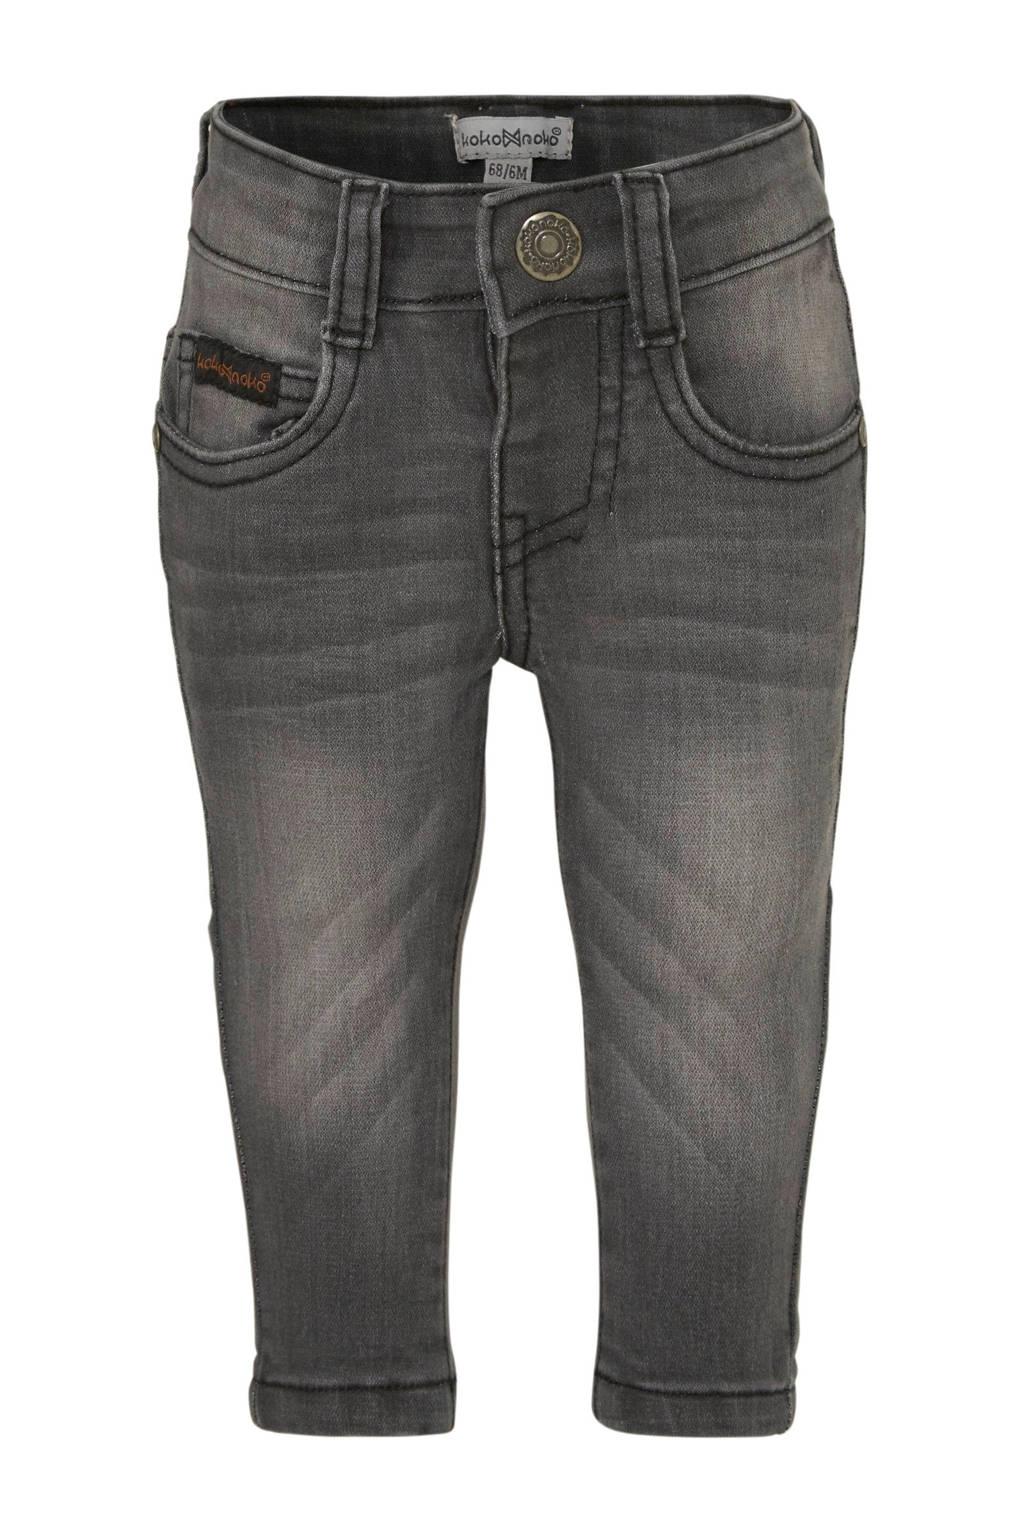 Koko Noko super skinny jeans antraciet stonewashed, Antraciet stonewashed